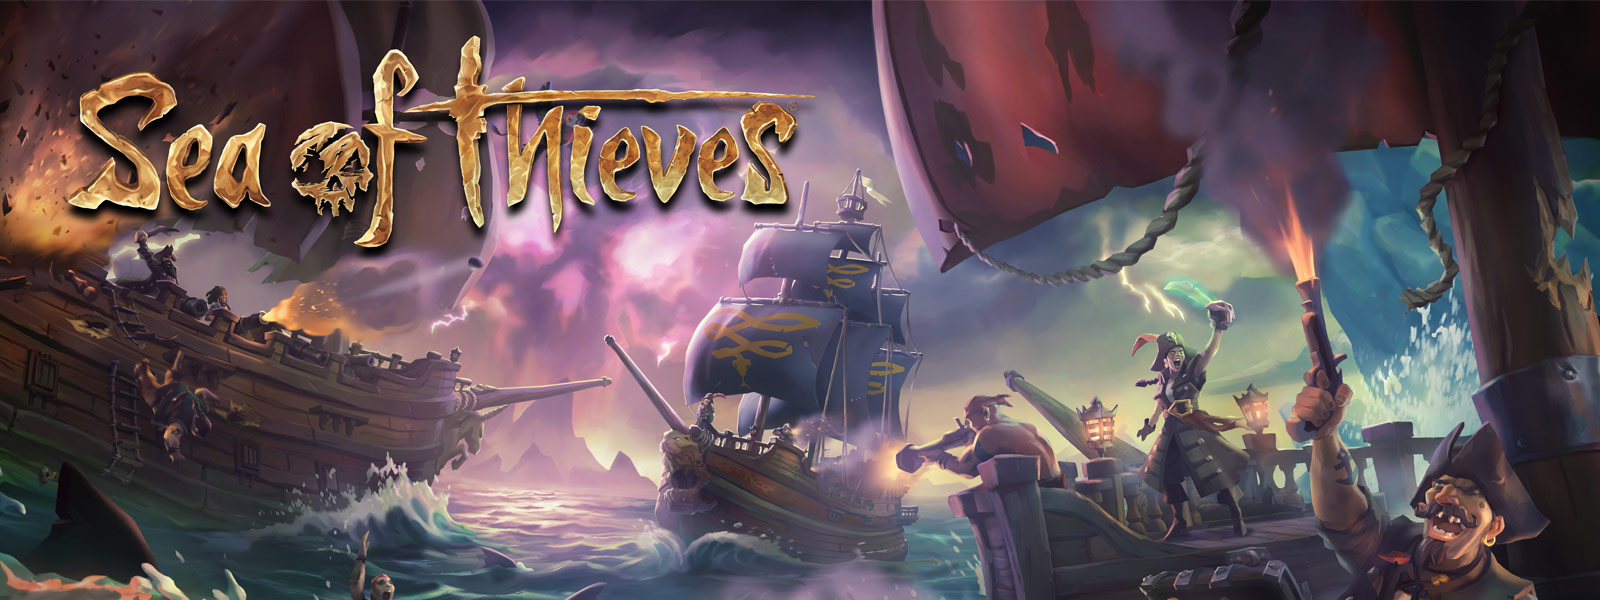 Sea of Thieves - Schepen die op de oceaan vechten met een boot die op andere schepen vuurt